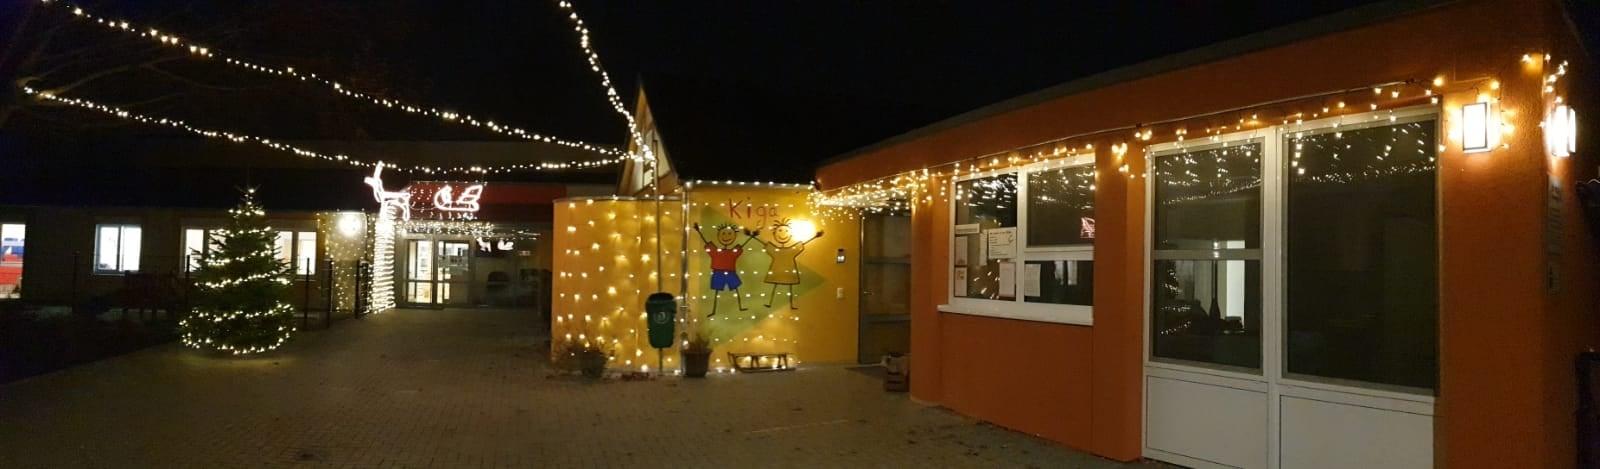 Kindergarten Weihnachtsbeleuchtung